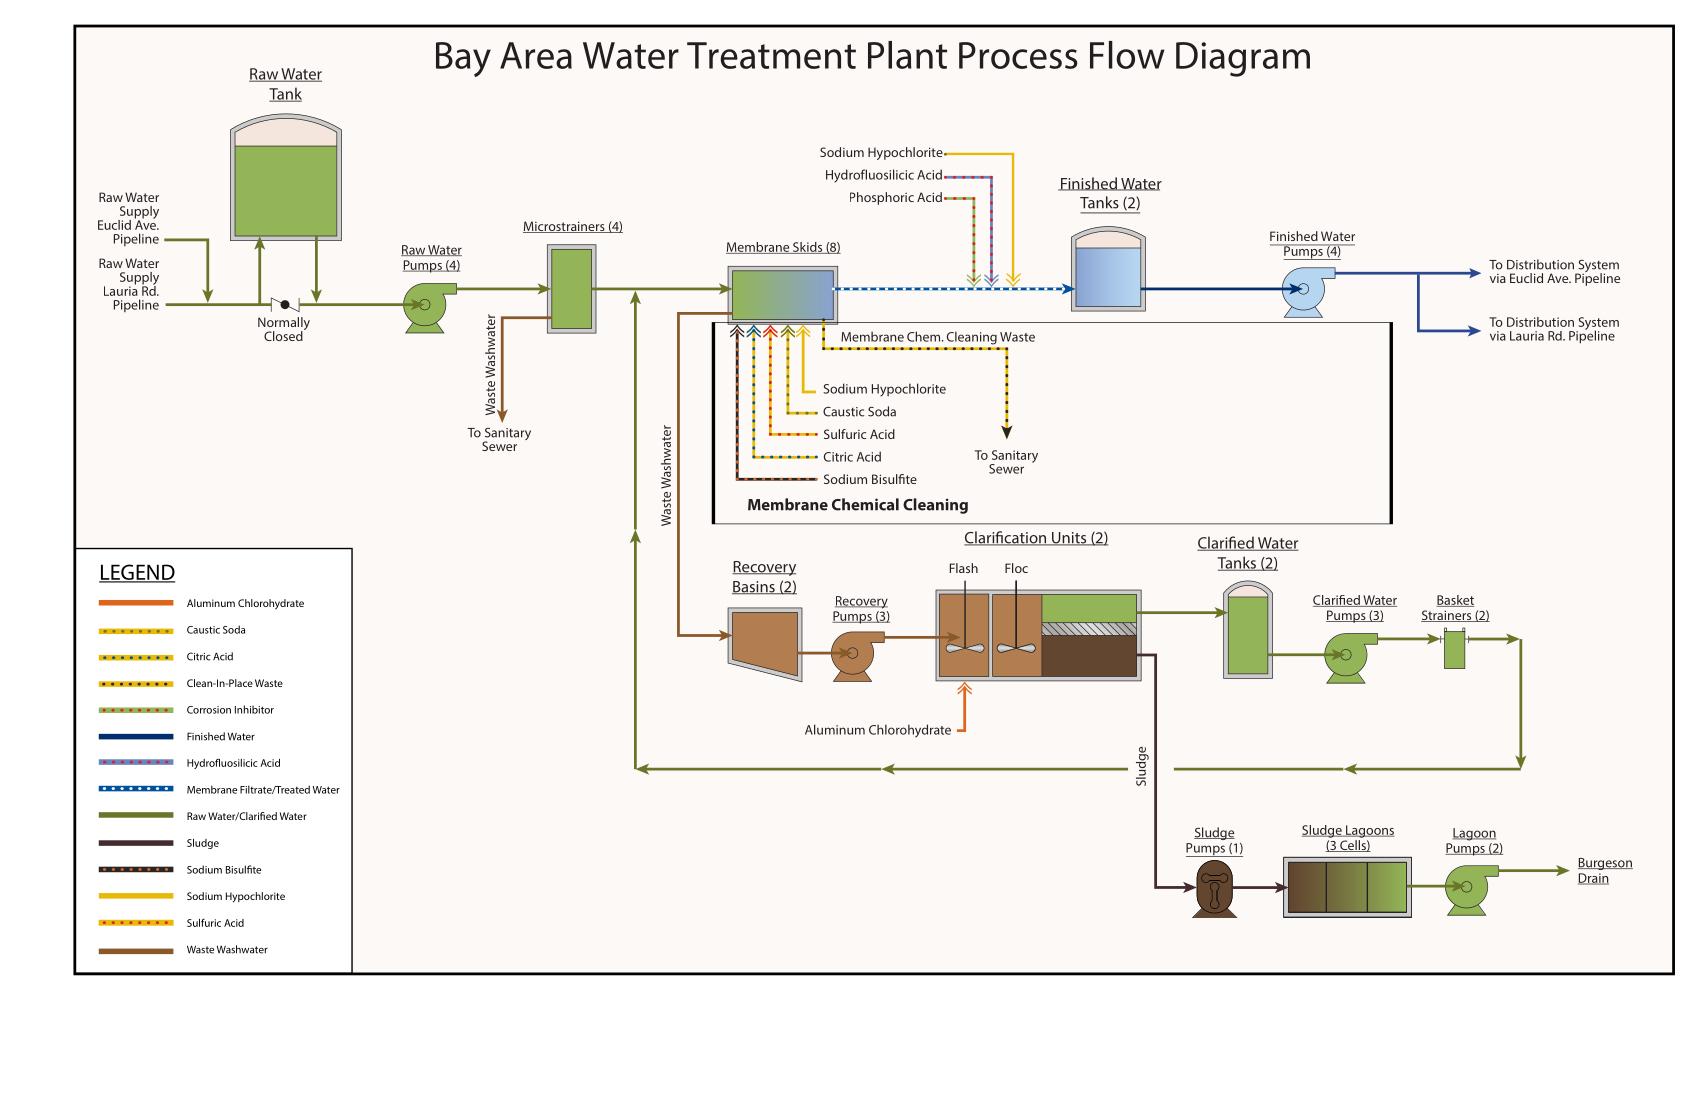 BAWTP Process Flow